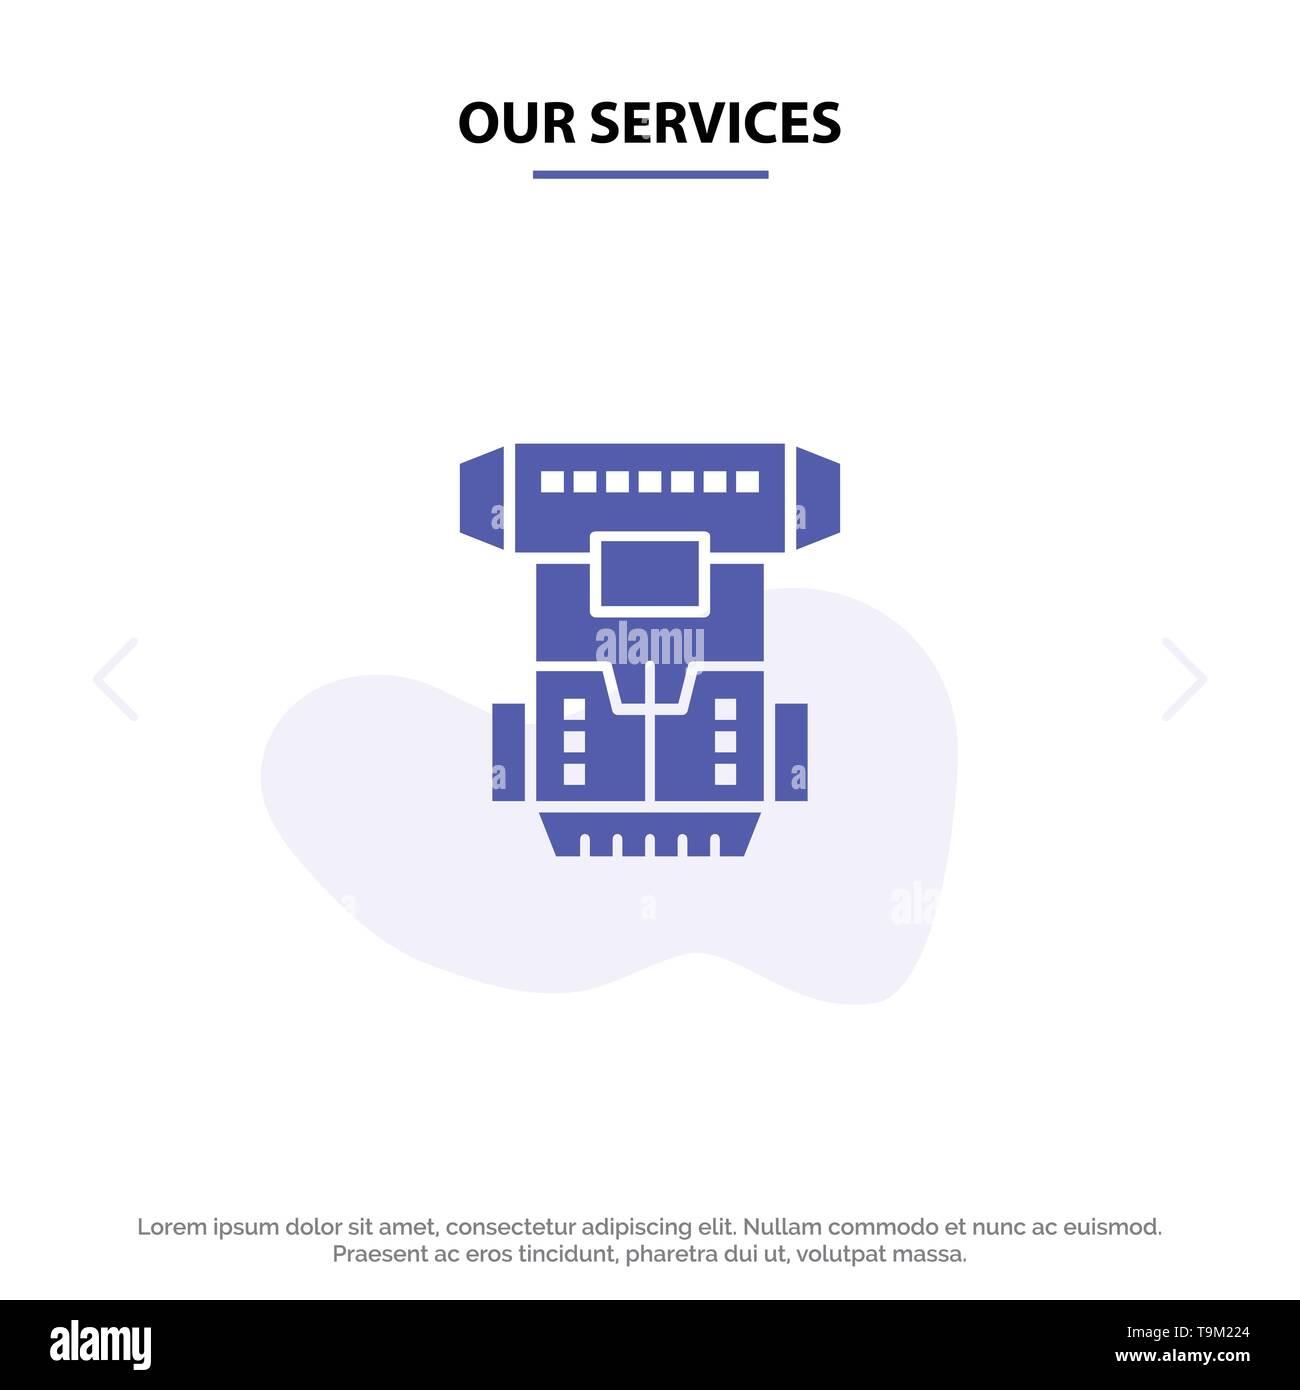 Unsere Dienstleistungen, Kammer, kryogene, Kryonik, Kryotherapie solide Glyph Icon Web Karte Vorlage Stockbild